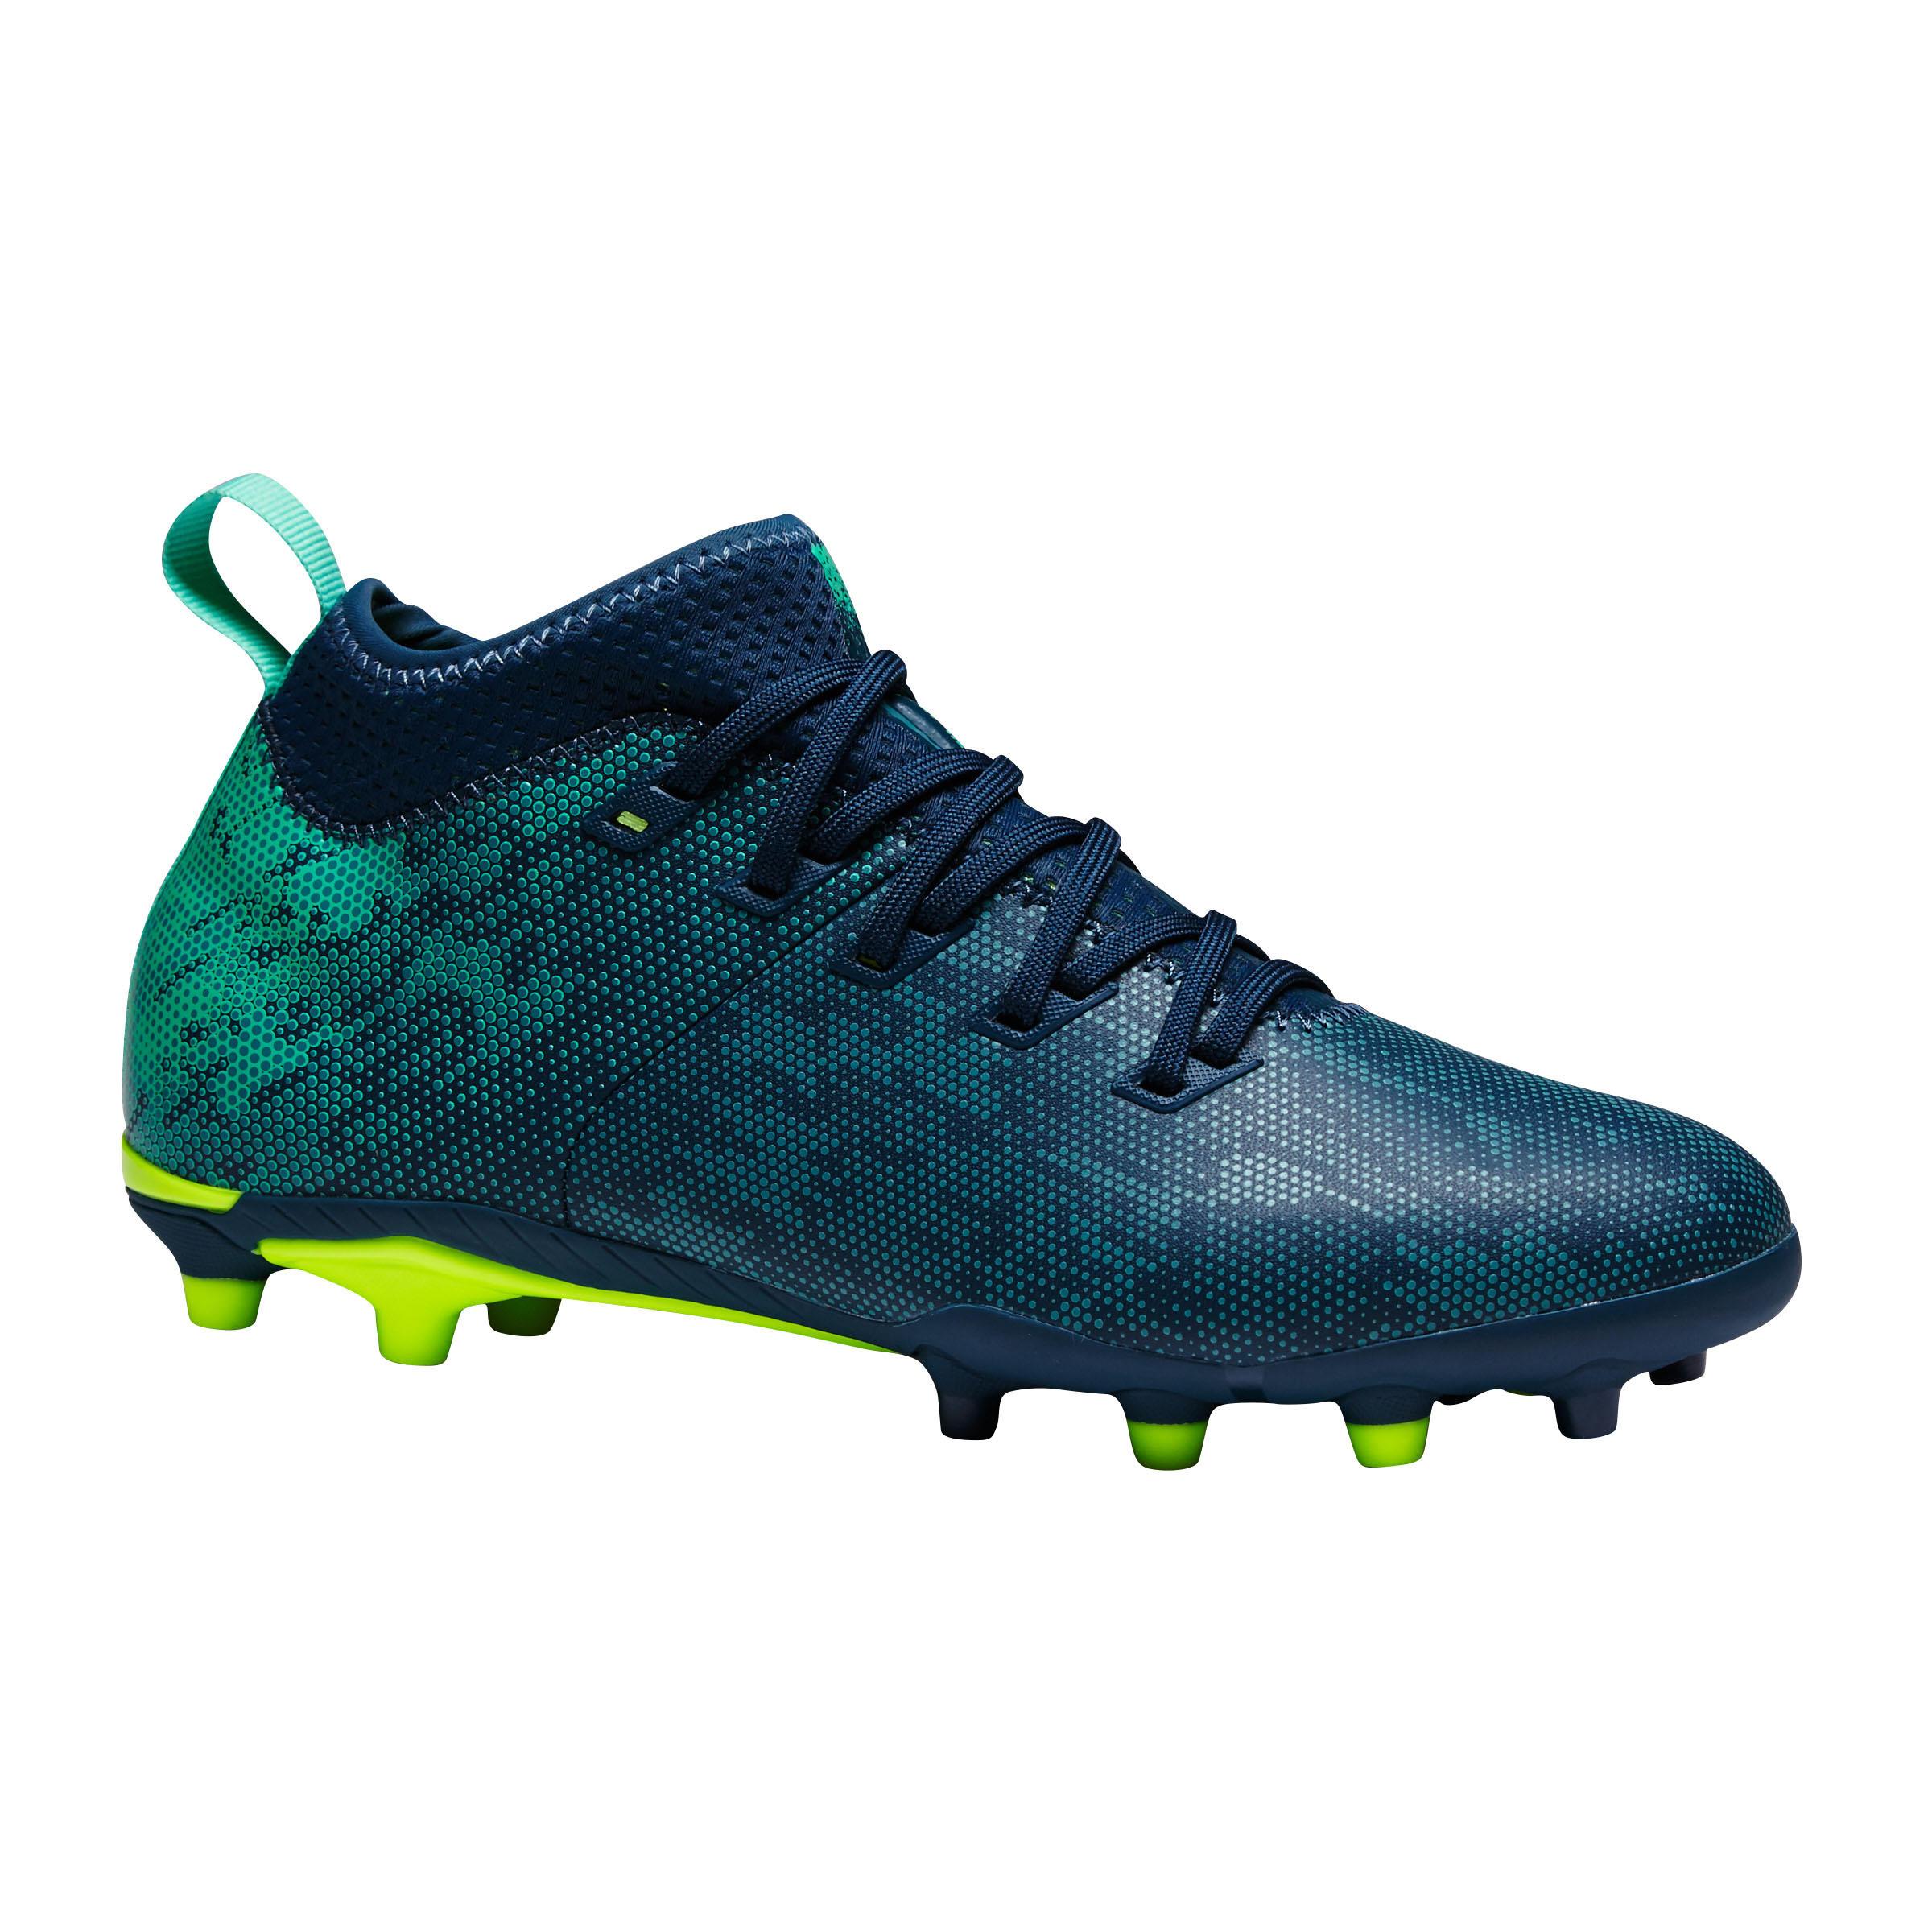 c83a7c8342585 Comprar Botas de Fútbol niños online